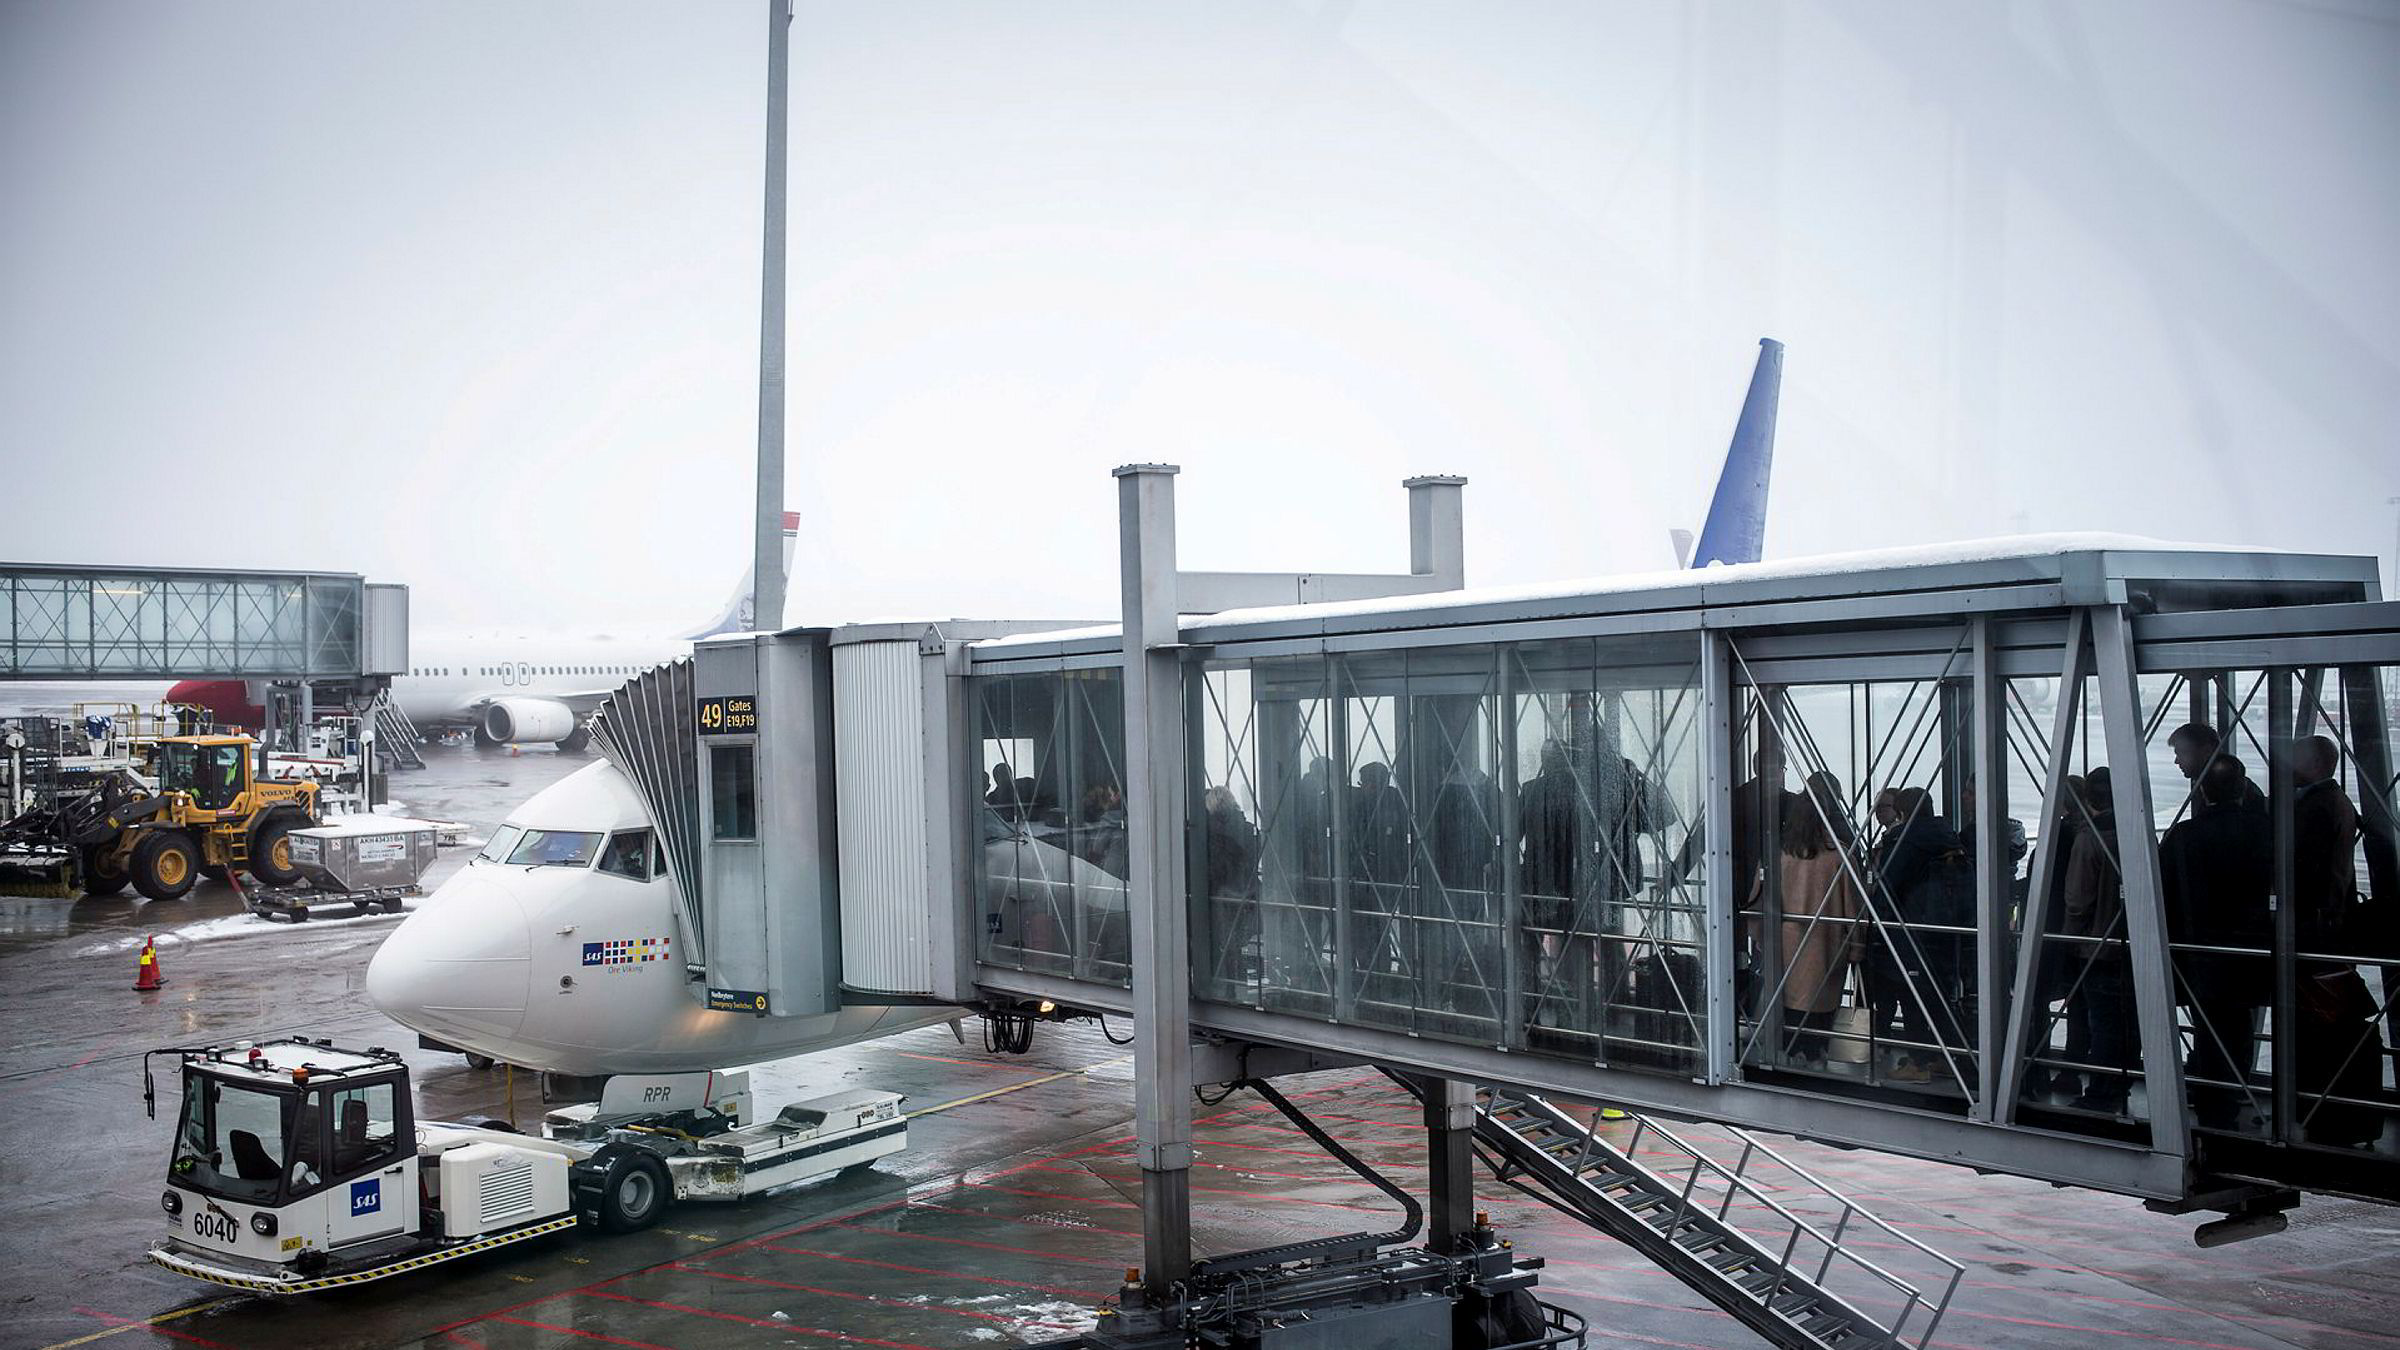 Frykt for smitte gir færre reisende og i neste omgang redusert oljeforbruk i transportsektoren.